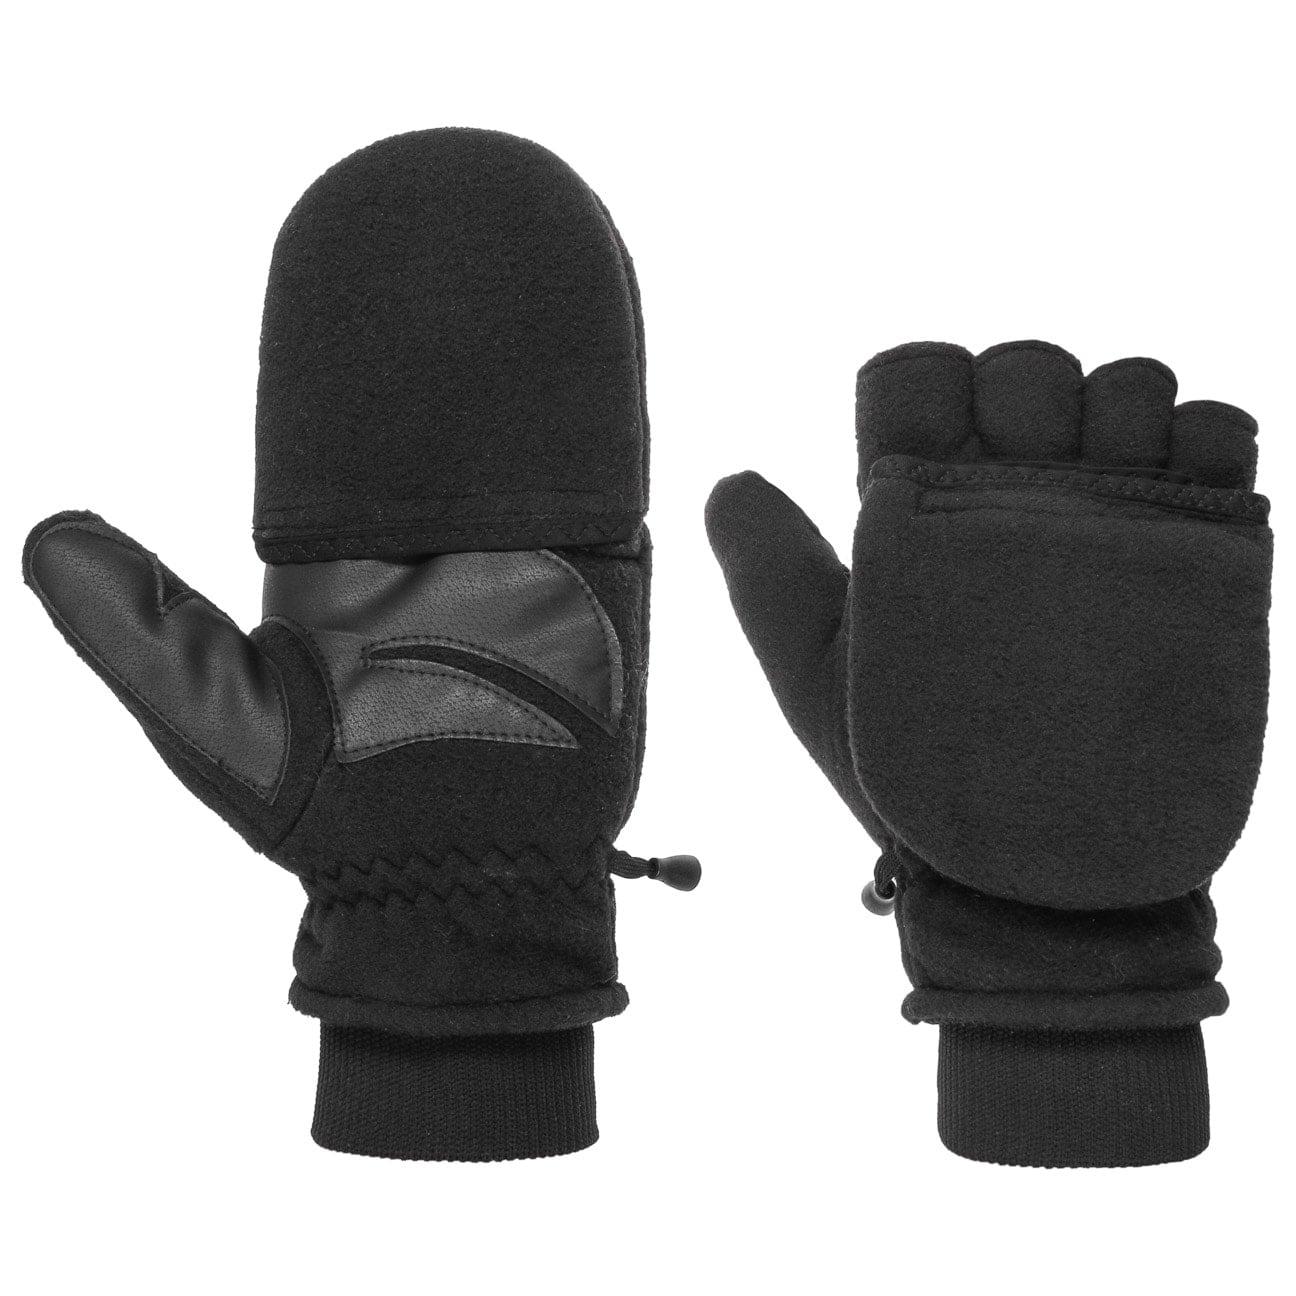 Guantes de Polar sin Dedos by Barts  guantes de polar